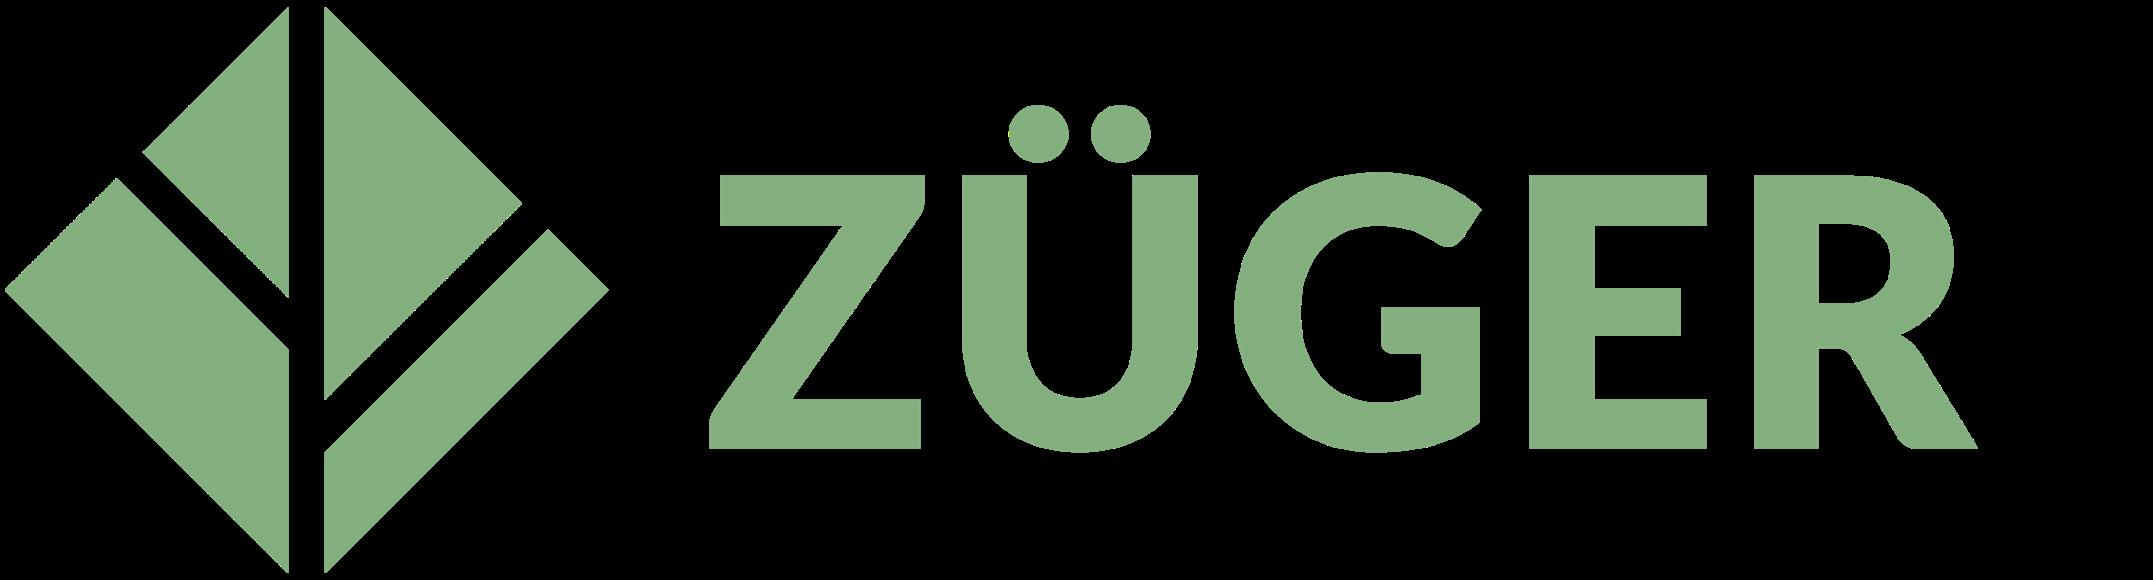 Planung gartengestaltung z ger gartenbau ag for Gartengestaltung logo